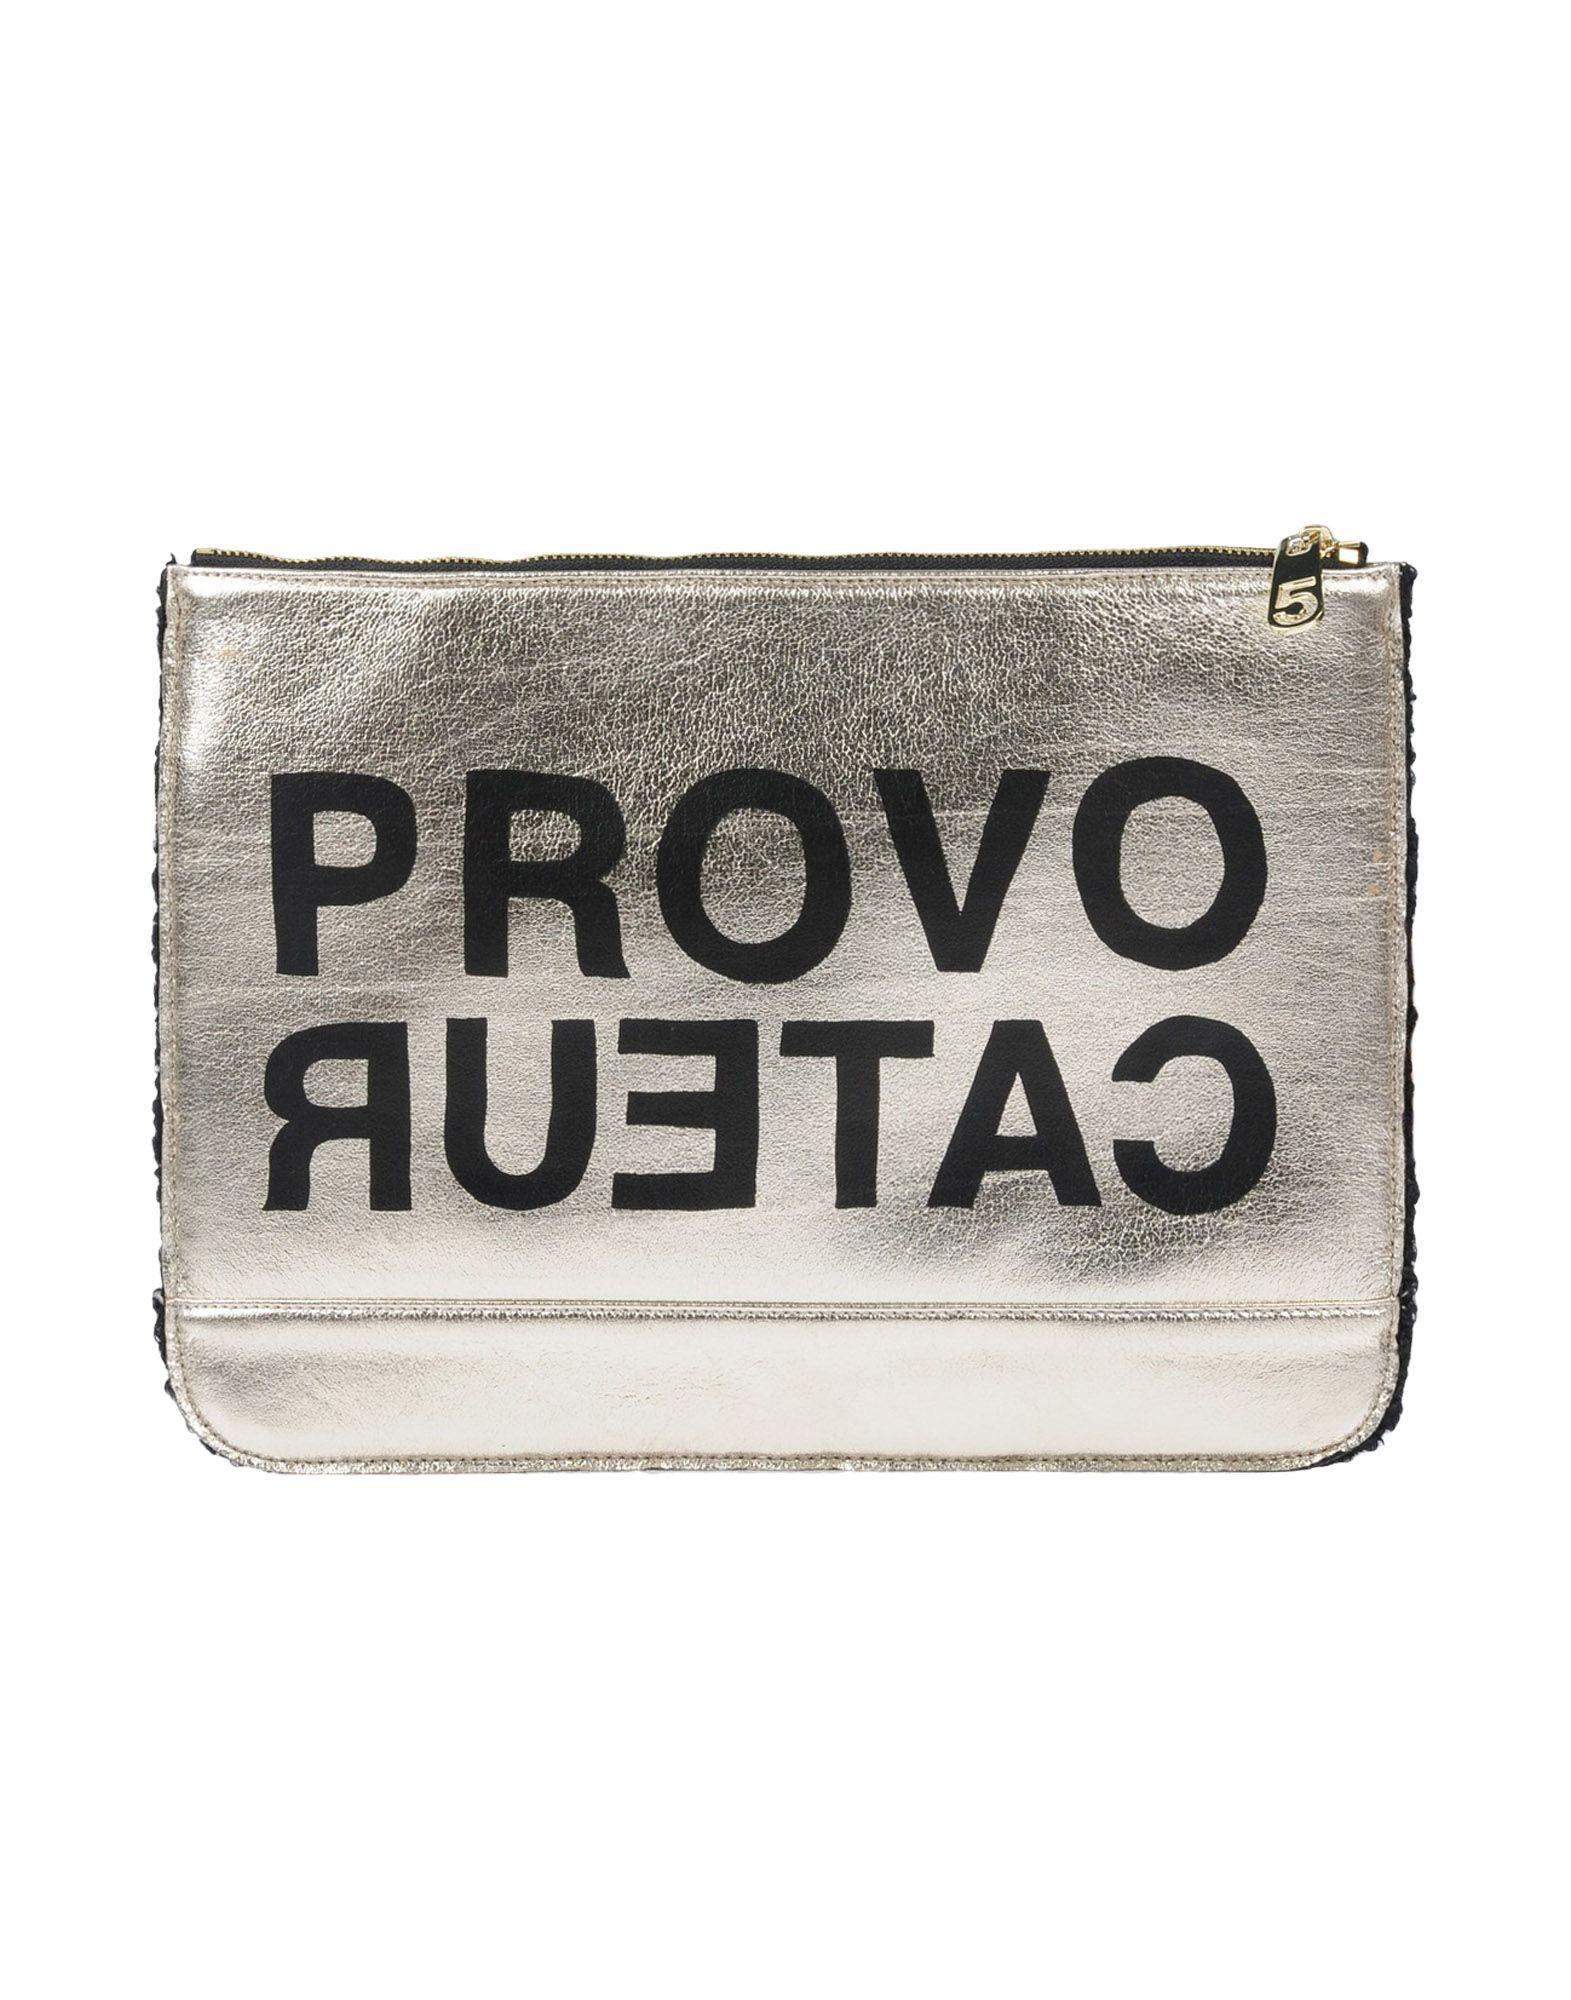 5PREVIEW Сумка на руку nicerdicer держатель мобильного телефона разное сумка автомобиля сотовый карман телефона